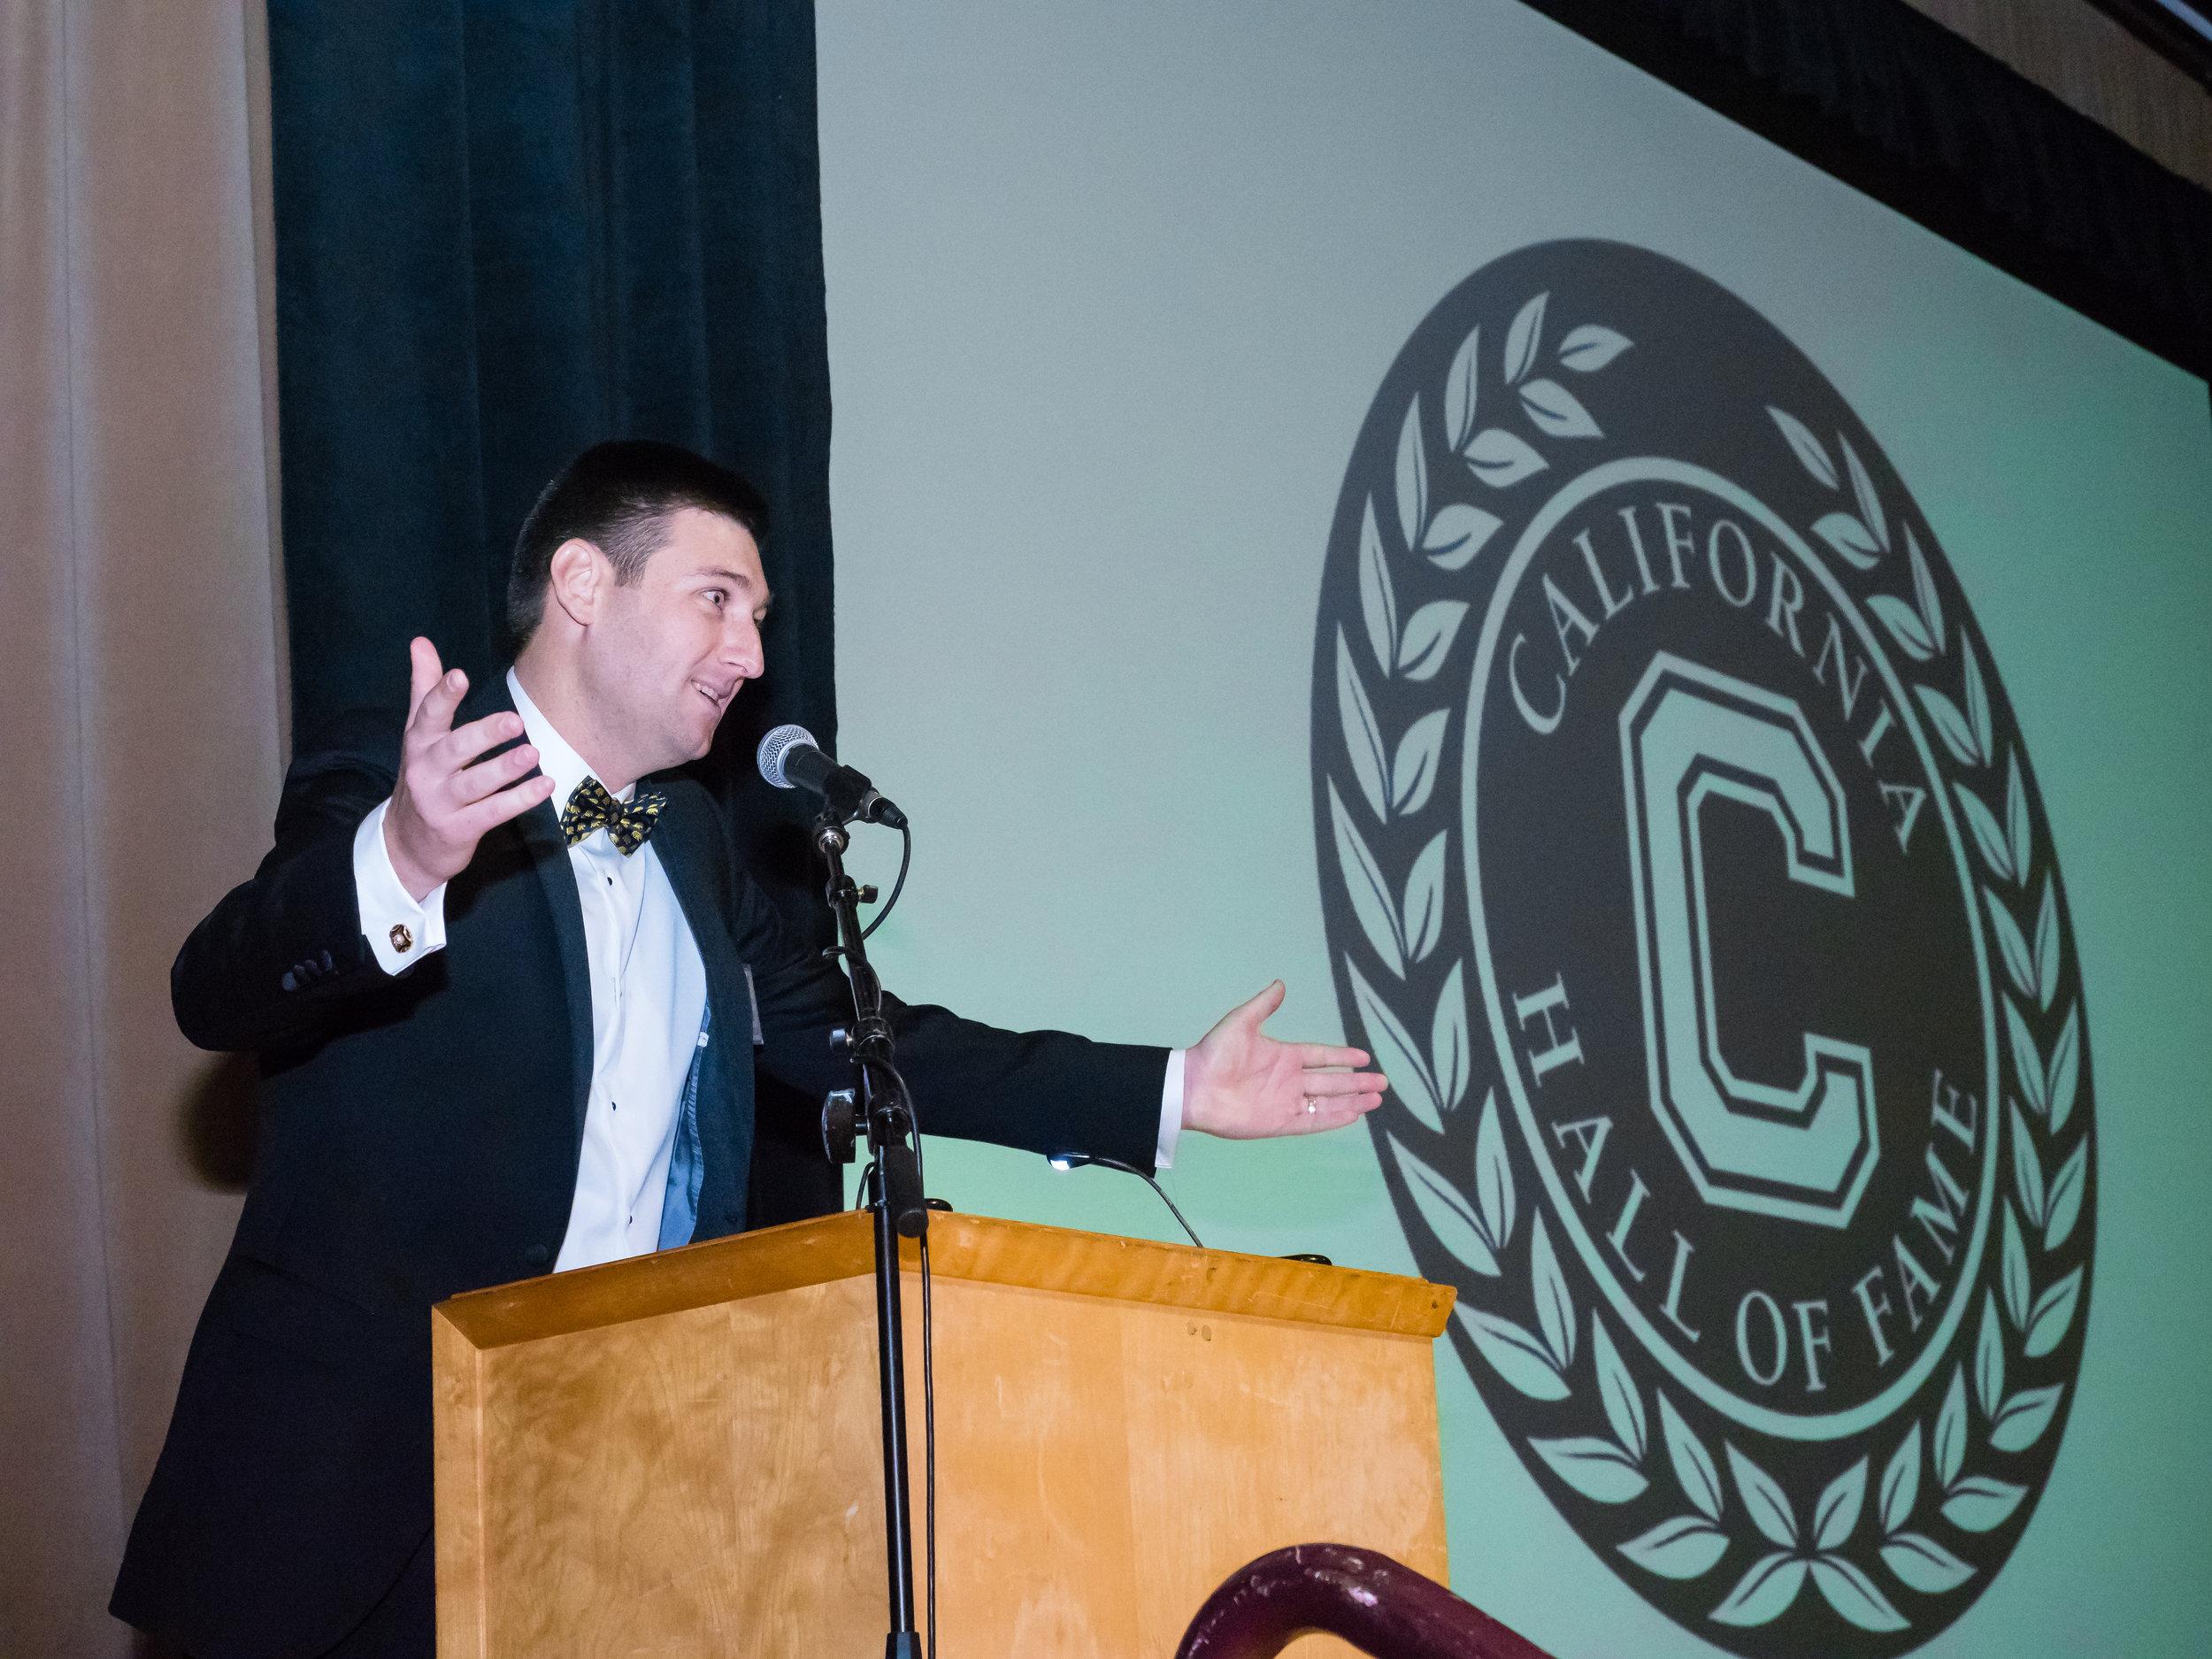 _Cal_Hall of Fame_20170908_202815_KLC-(ZF-9201-57652-1-1025).jpg